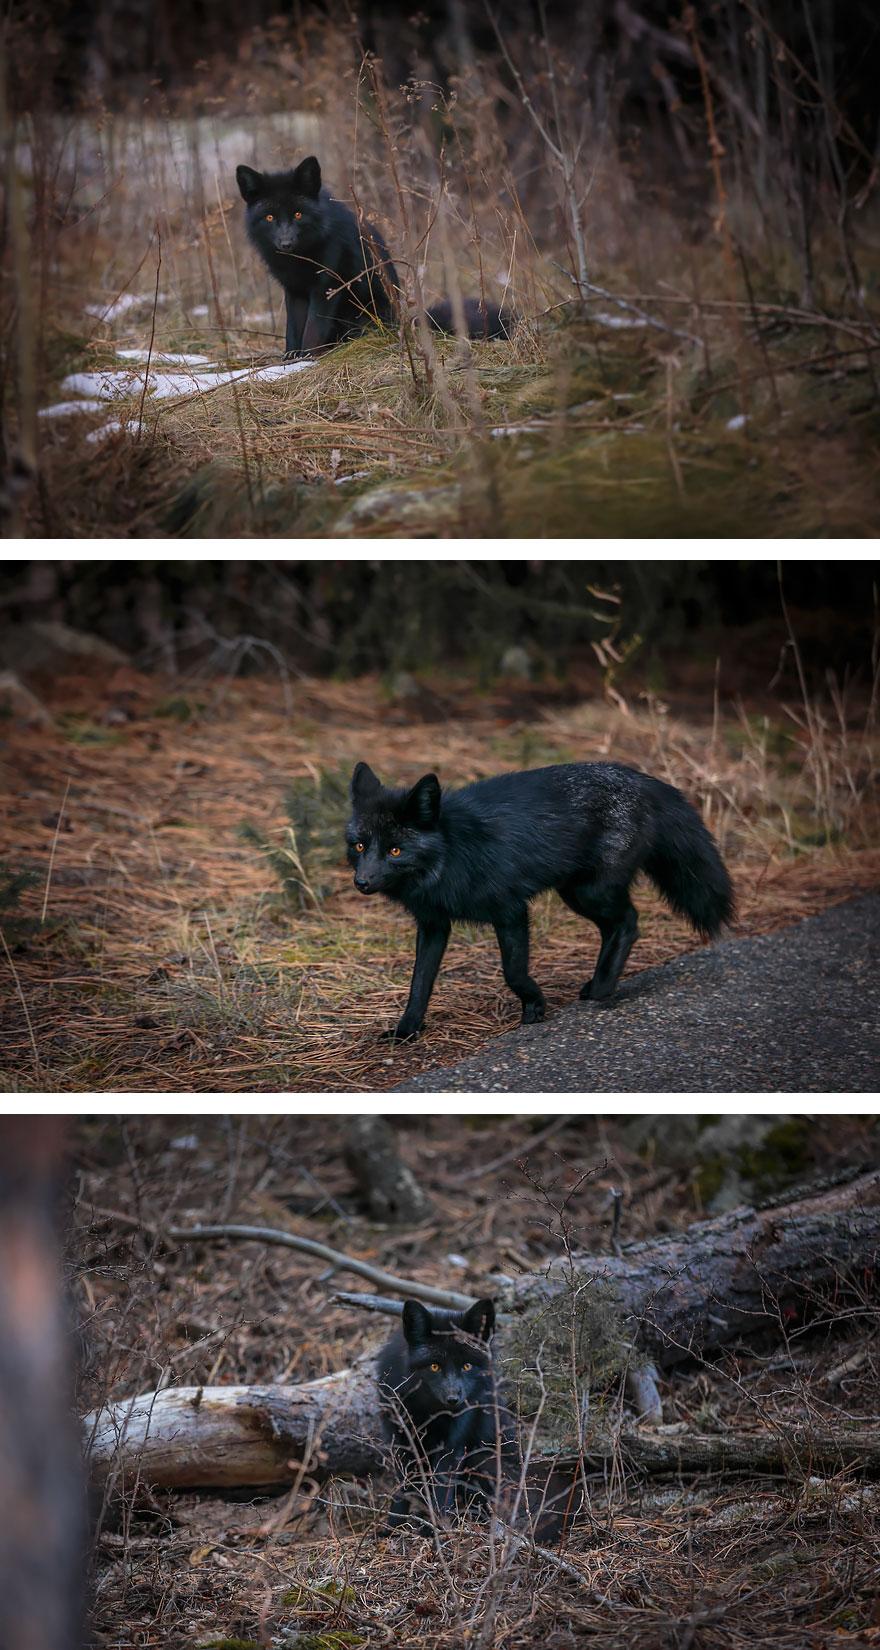 volpe-argentata-nera-19